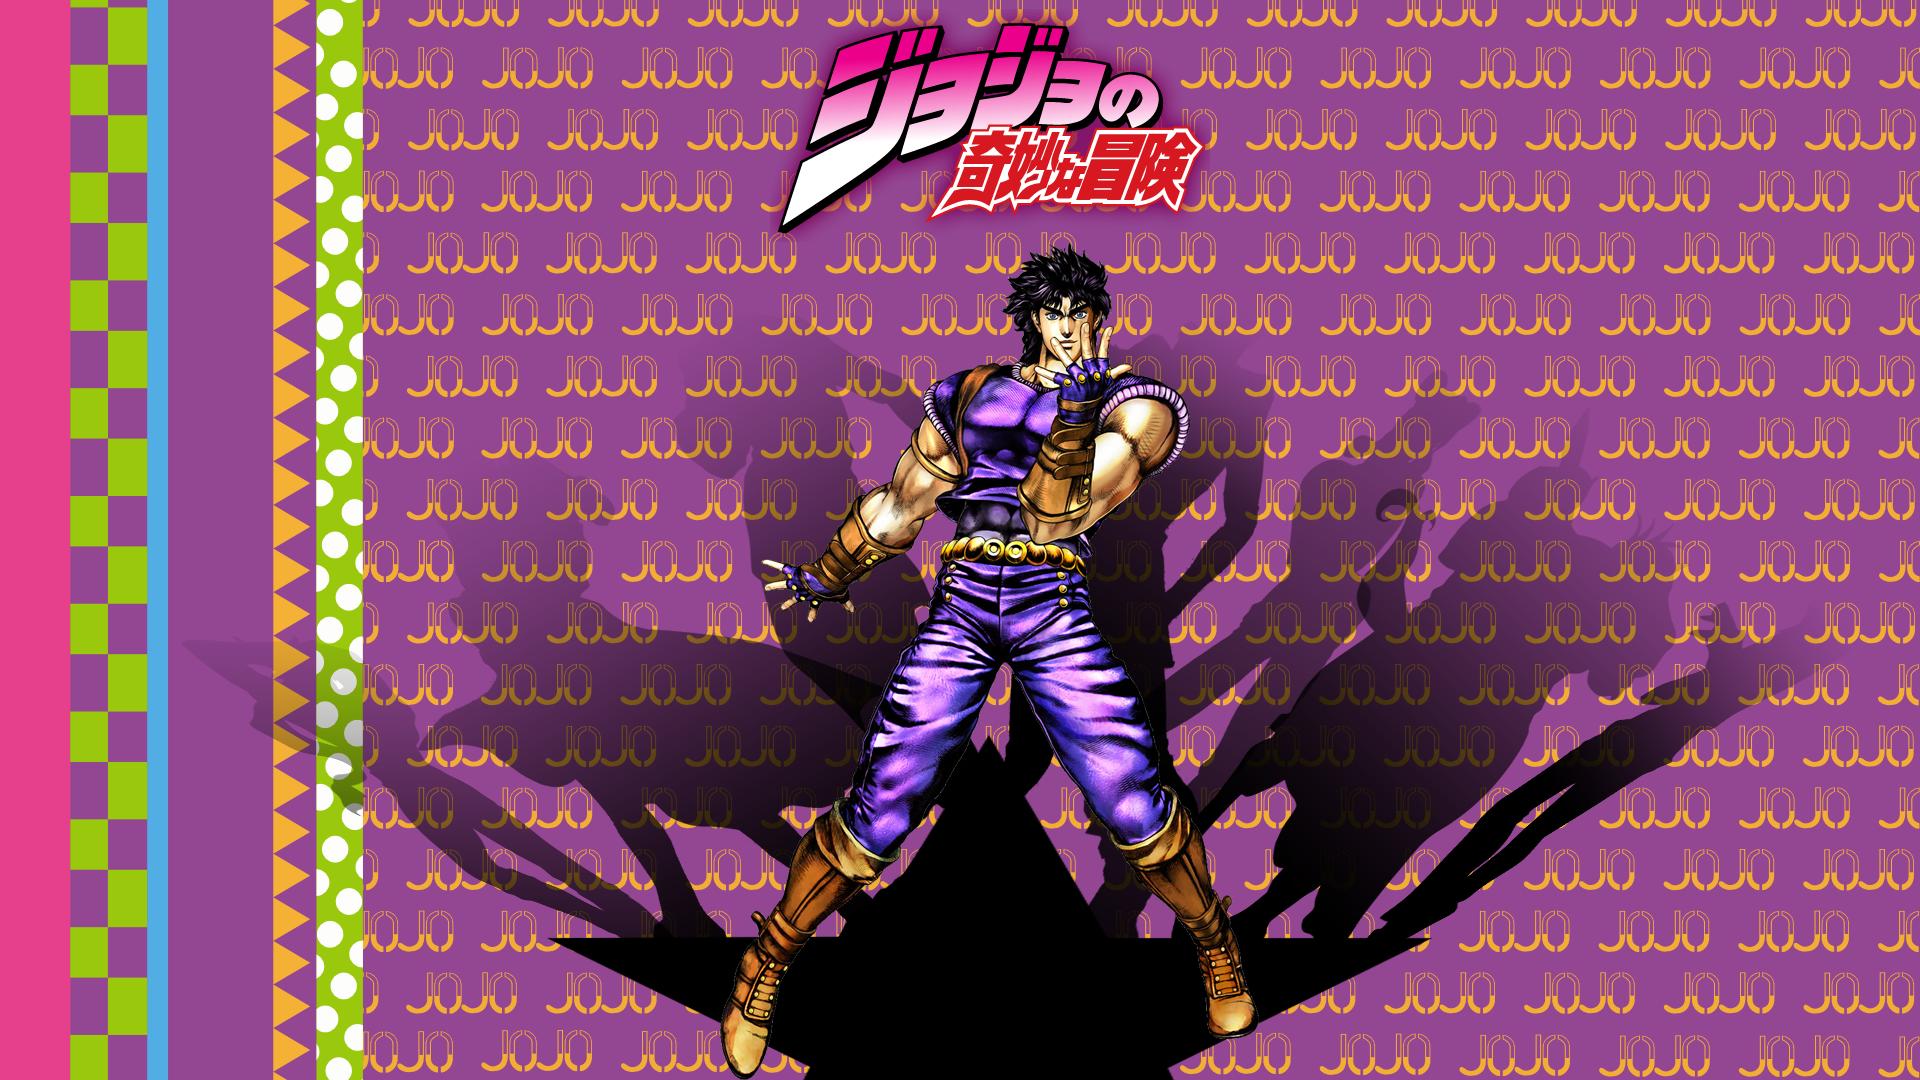 Wallpaper : JoJo's Bizarre Adventure, Jojo Part 8, Jotaro